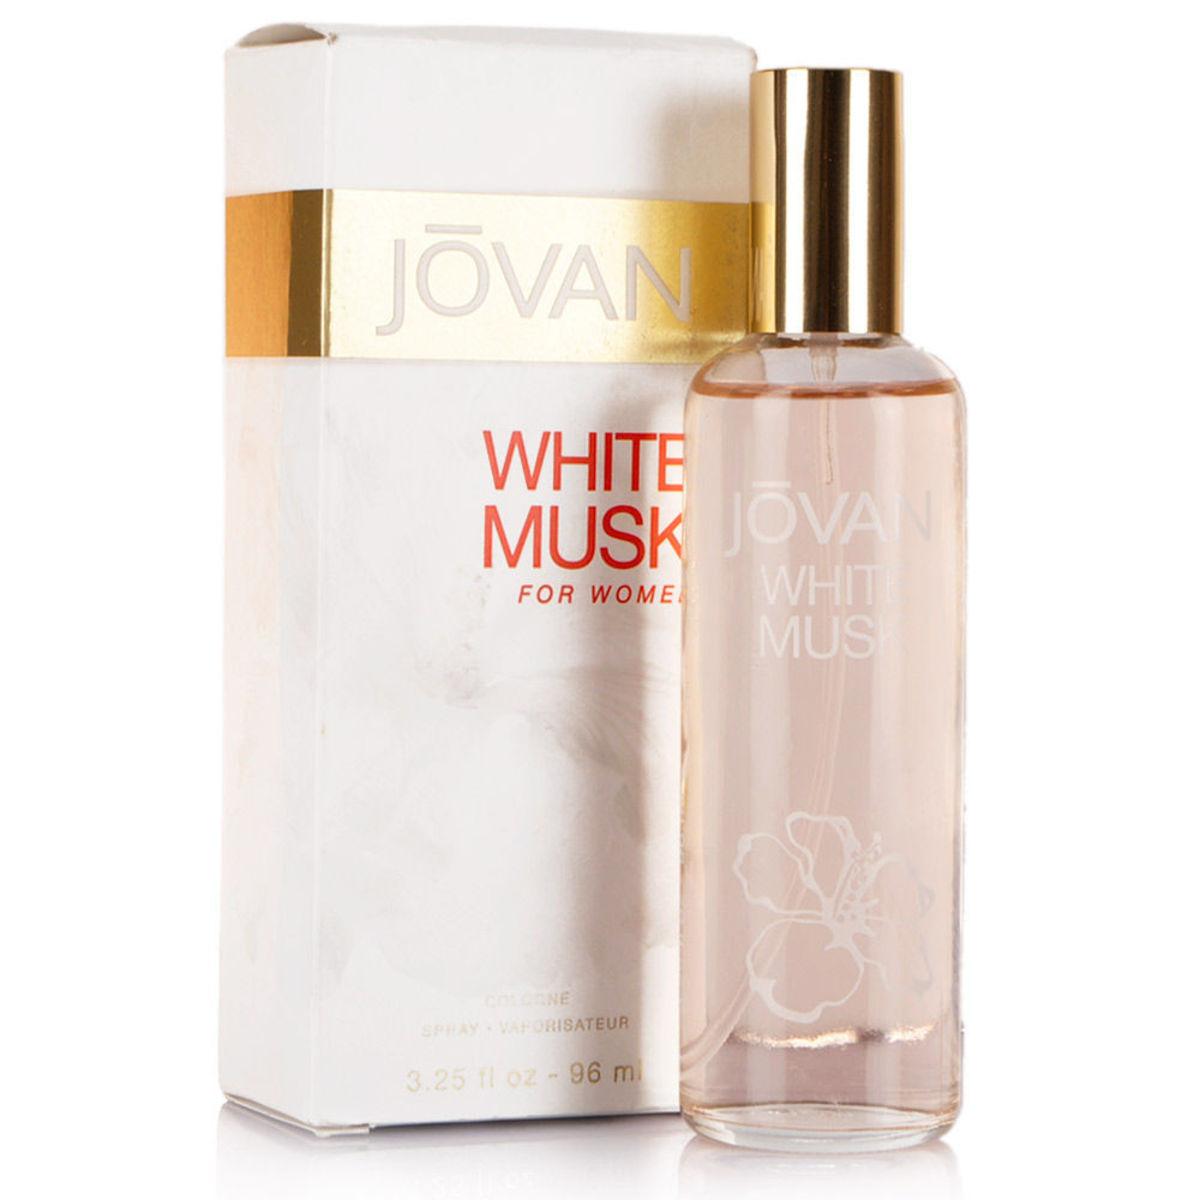 Jovan White Musk for Women Fragrance